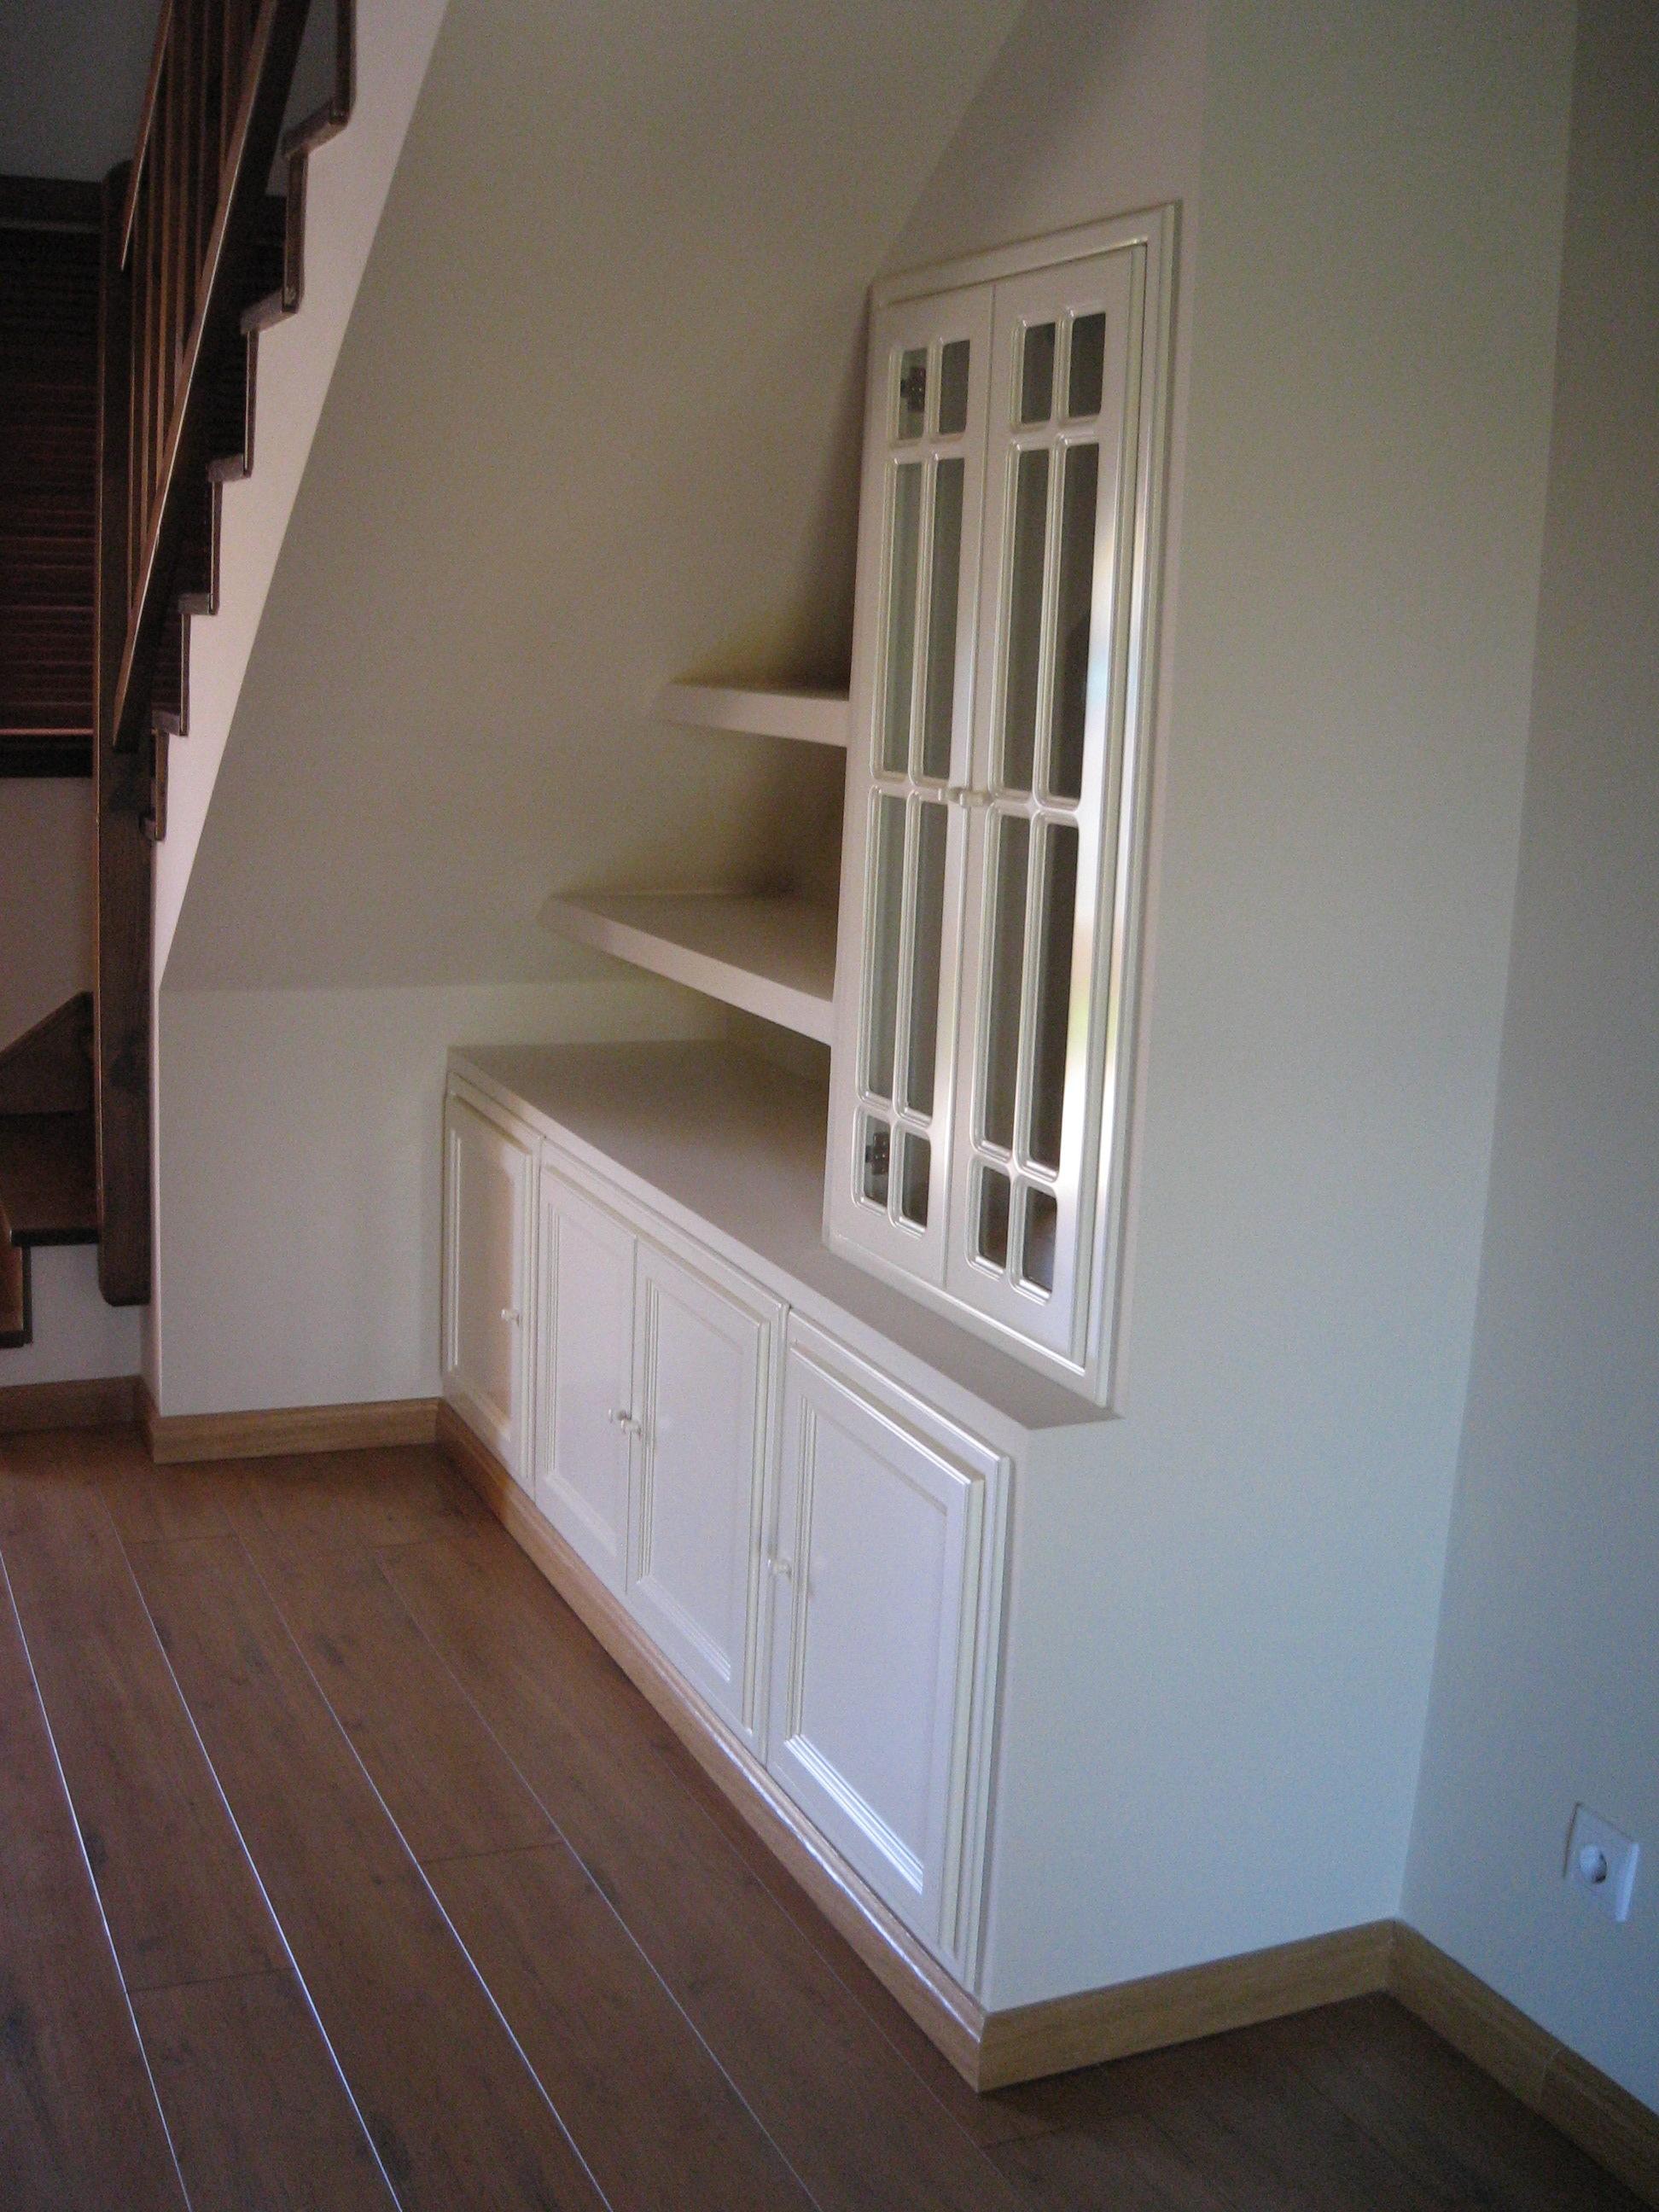 Pintura para dormitorios - Pintura para habitaciones ...